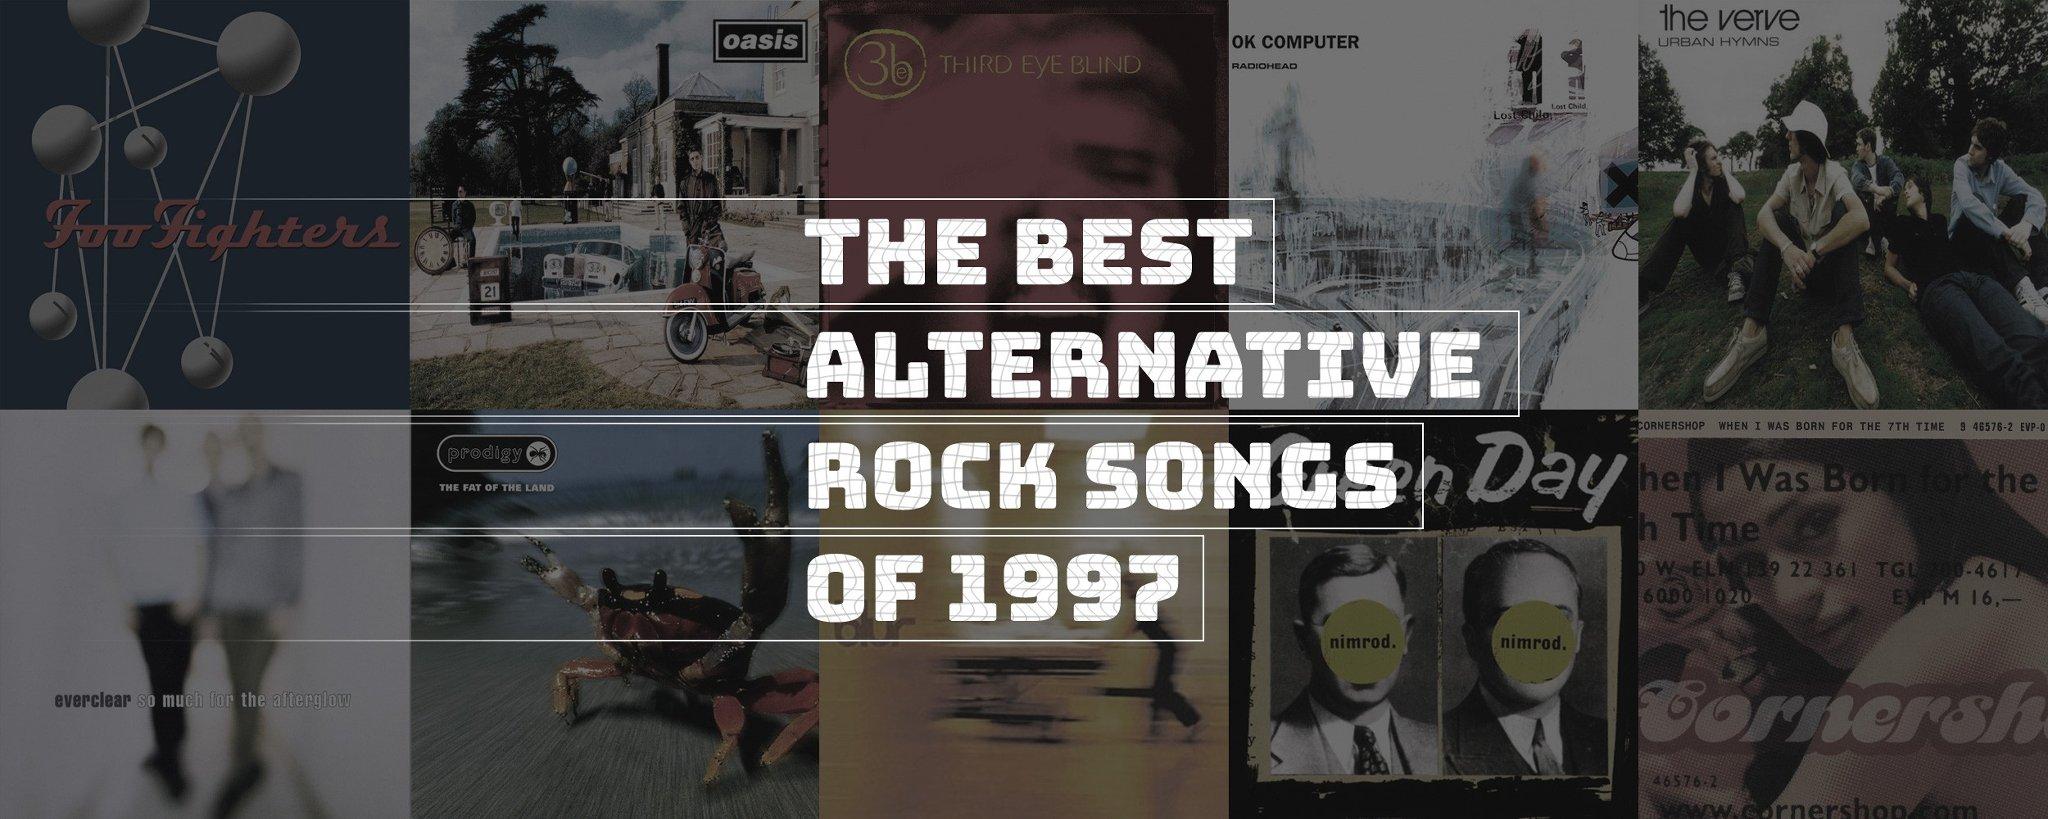 79 Best Alternative Rock Songs of 1997